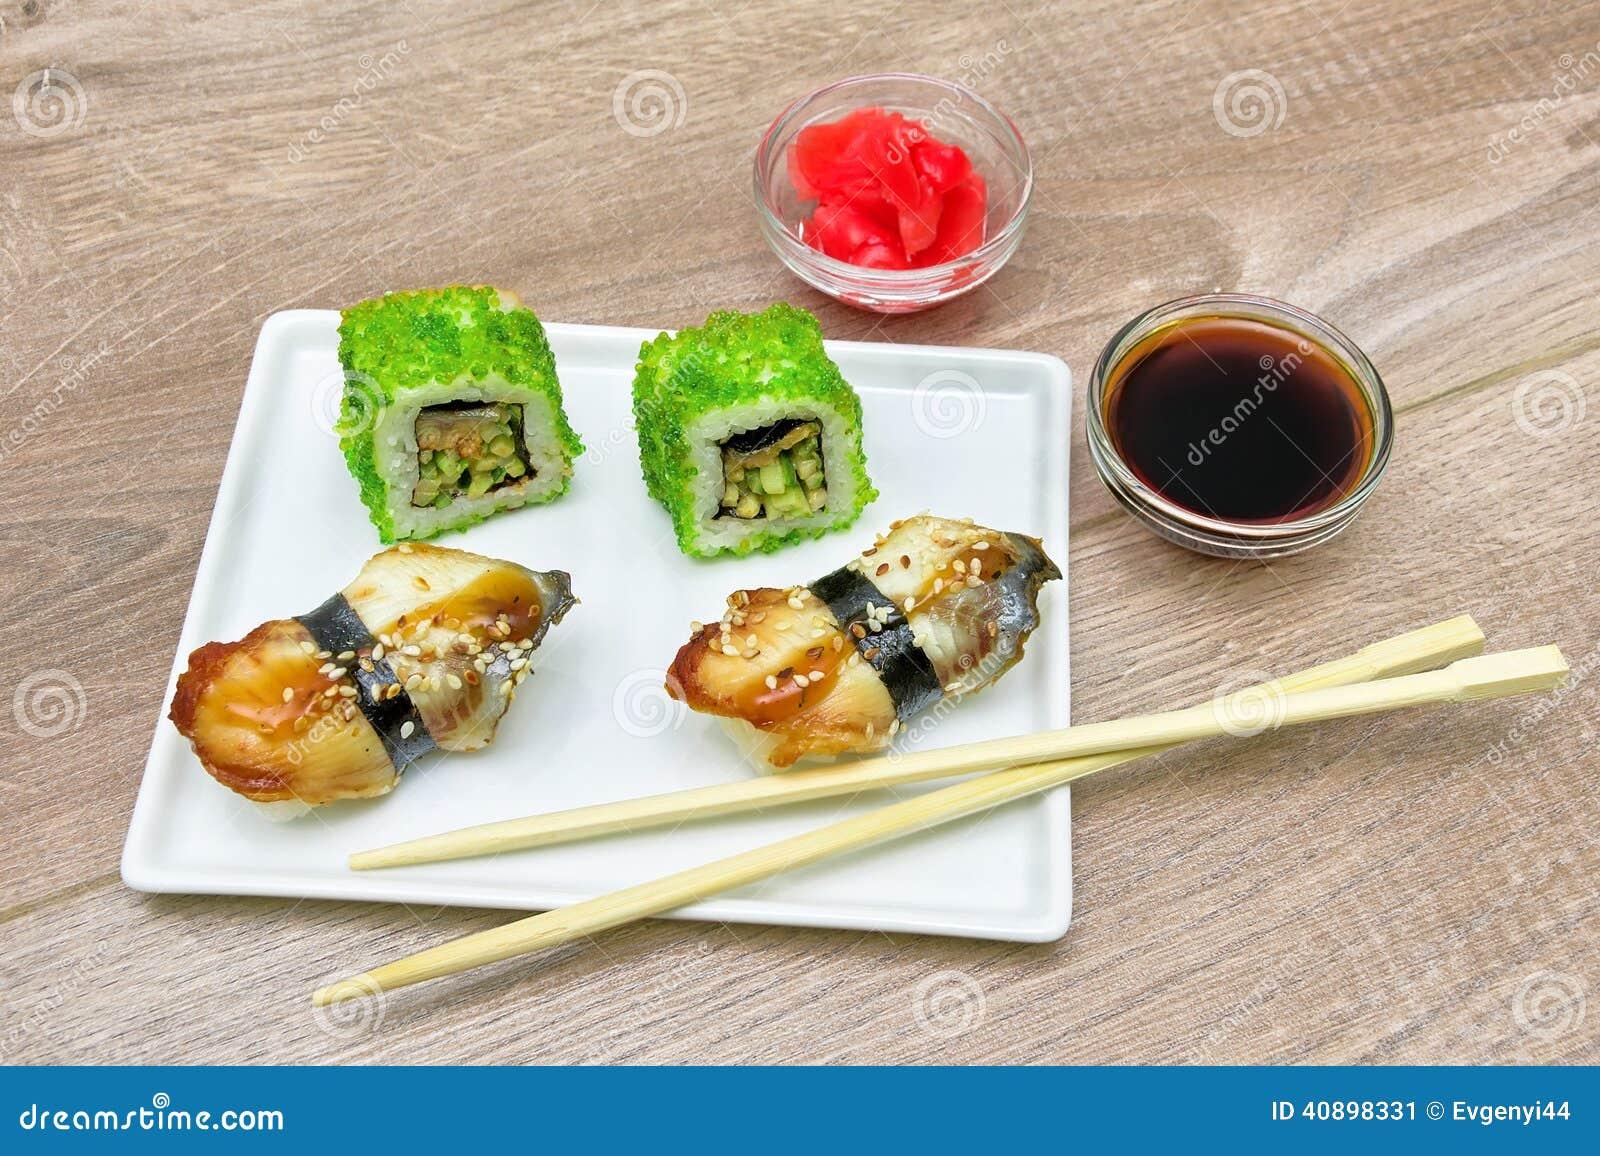 how to eat smoked eel